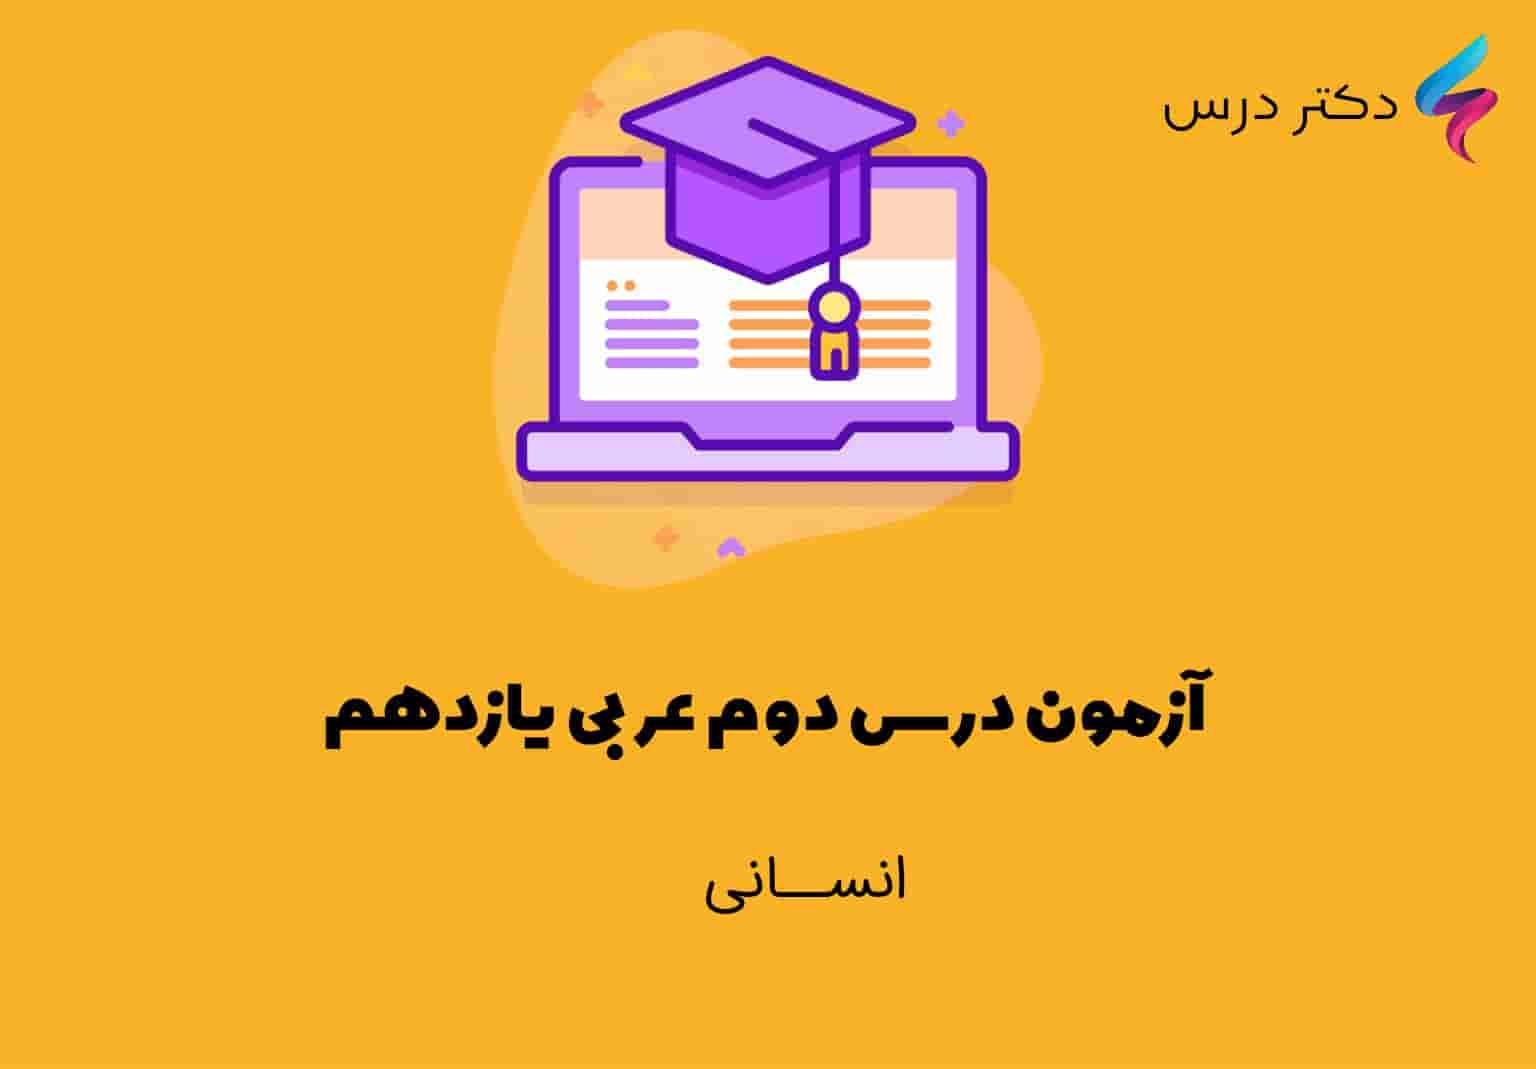 آزمون درس دوم عربی یازدهم انسانی